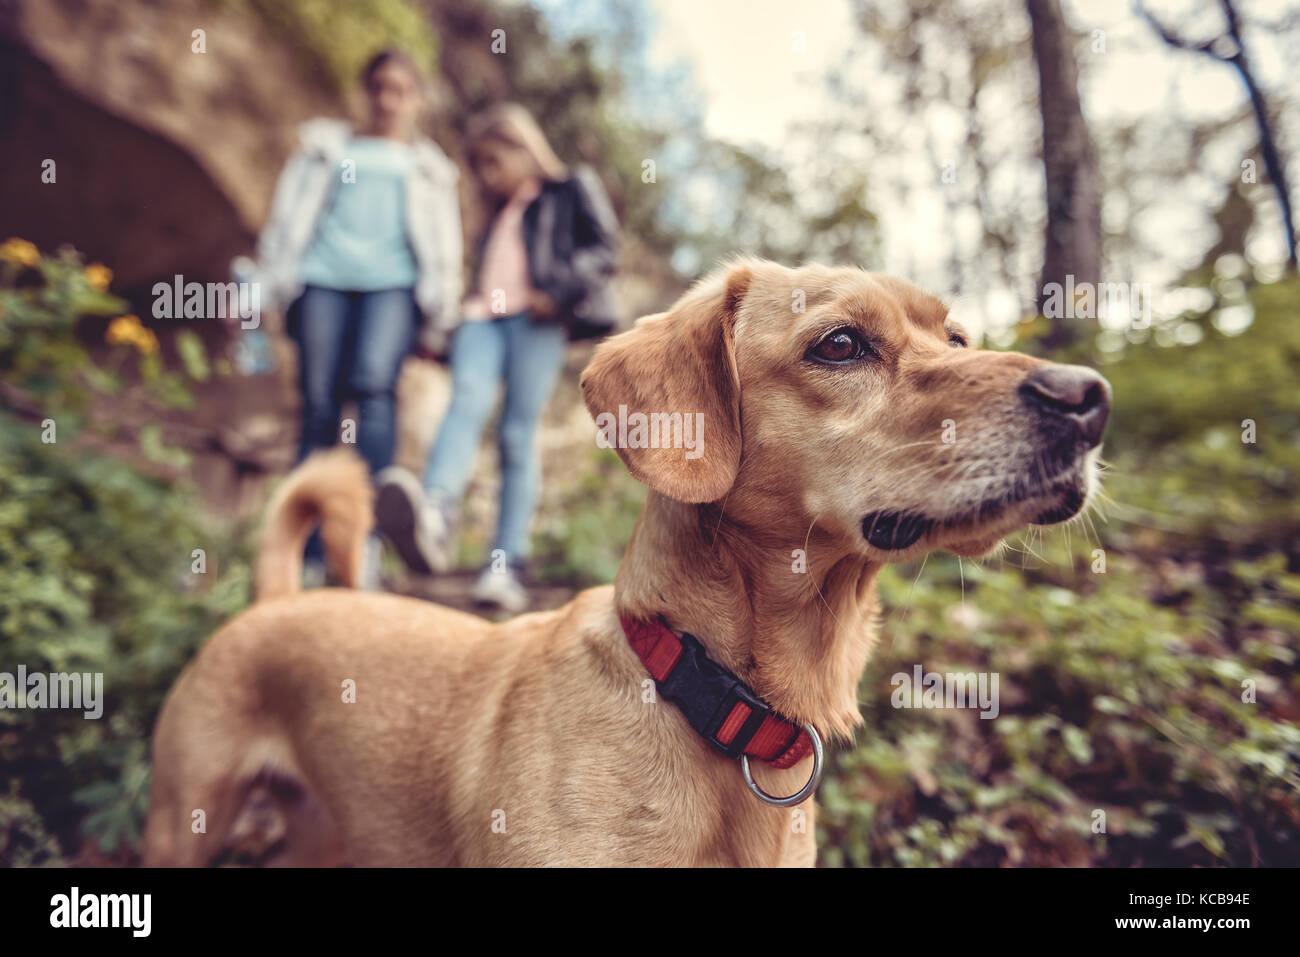 Piccolo Cane giallo su un sentiero forestale con un popolo a camminare in background Immagini Stock